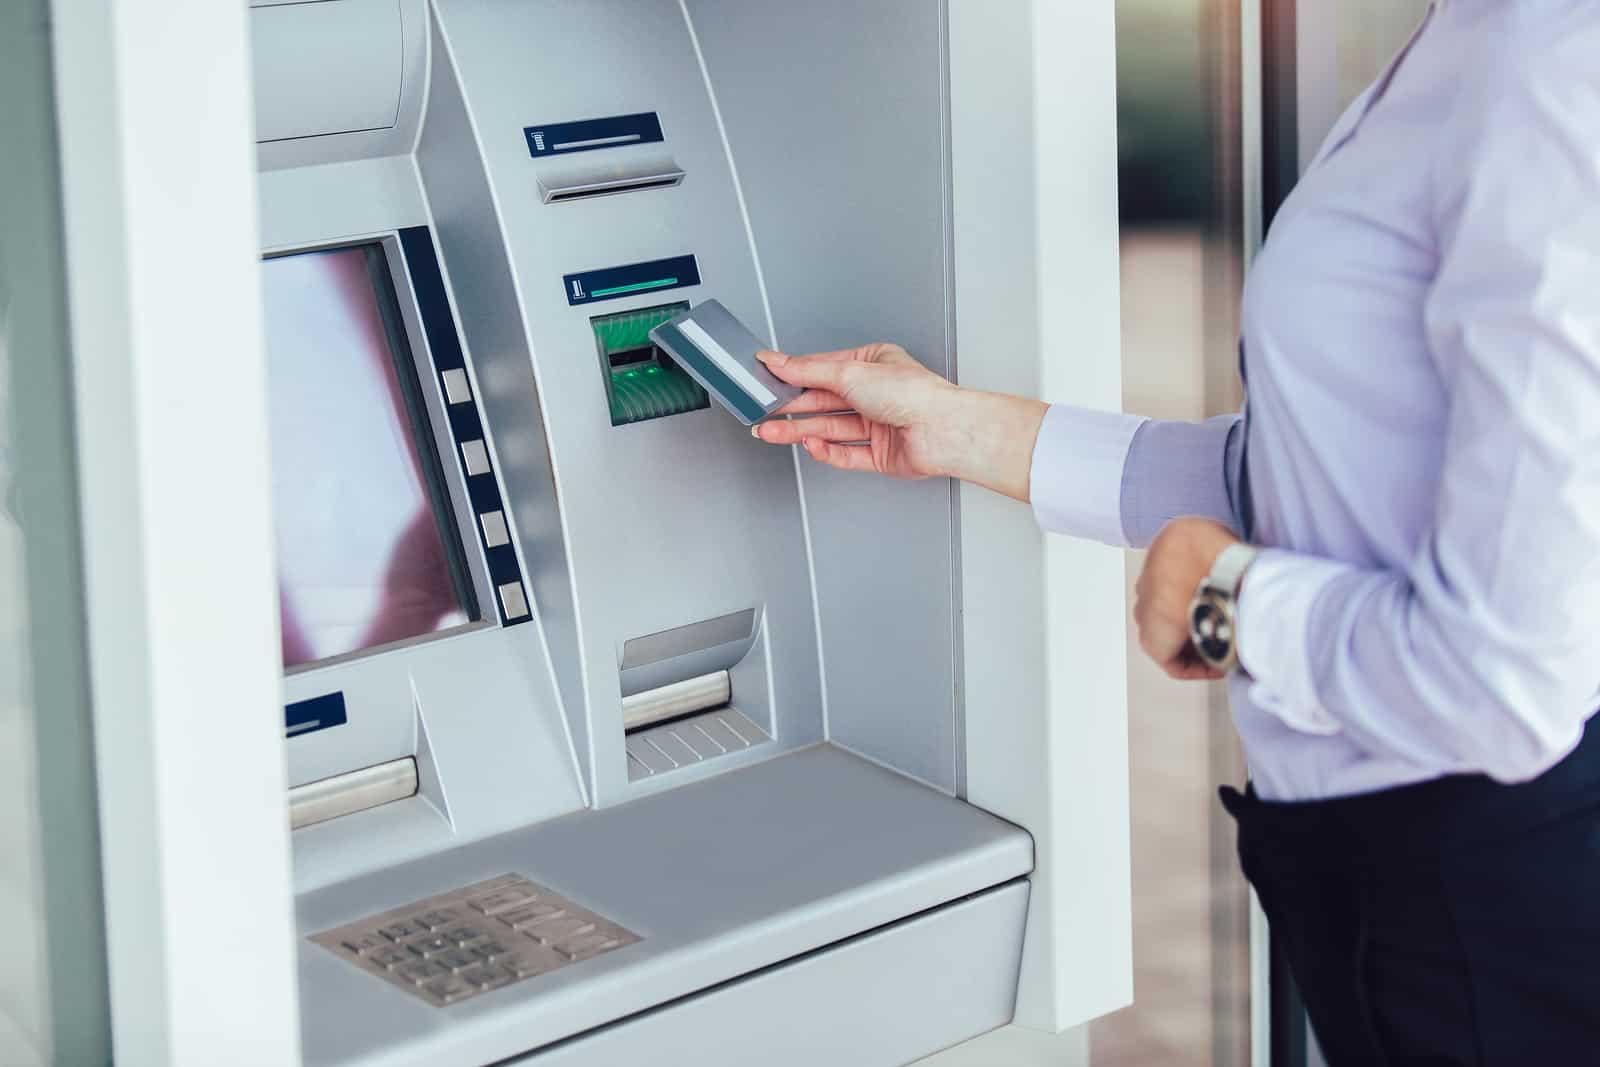 Le secteur bancaire et financier est celui qui a subit le plus de coûts liés à la cybercriminalité en 2018, soit 18,3 millions de dollars